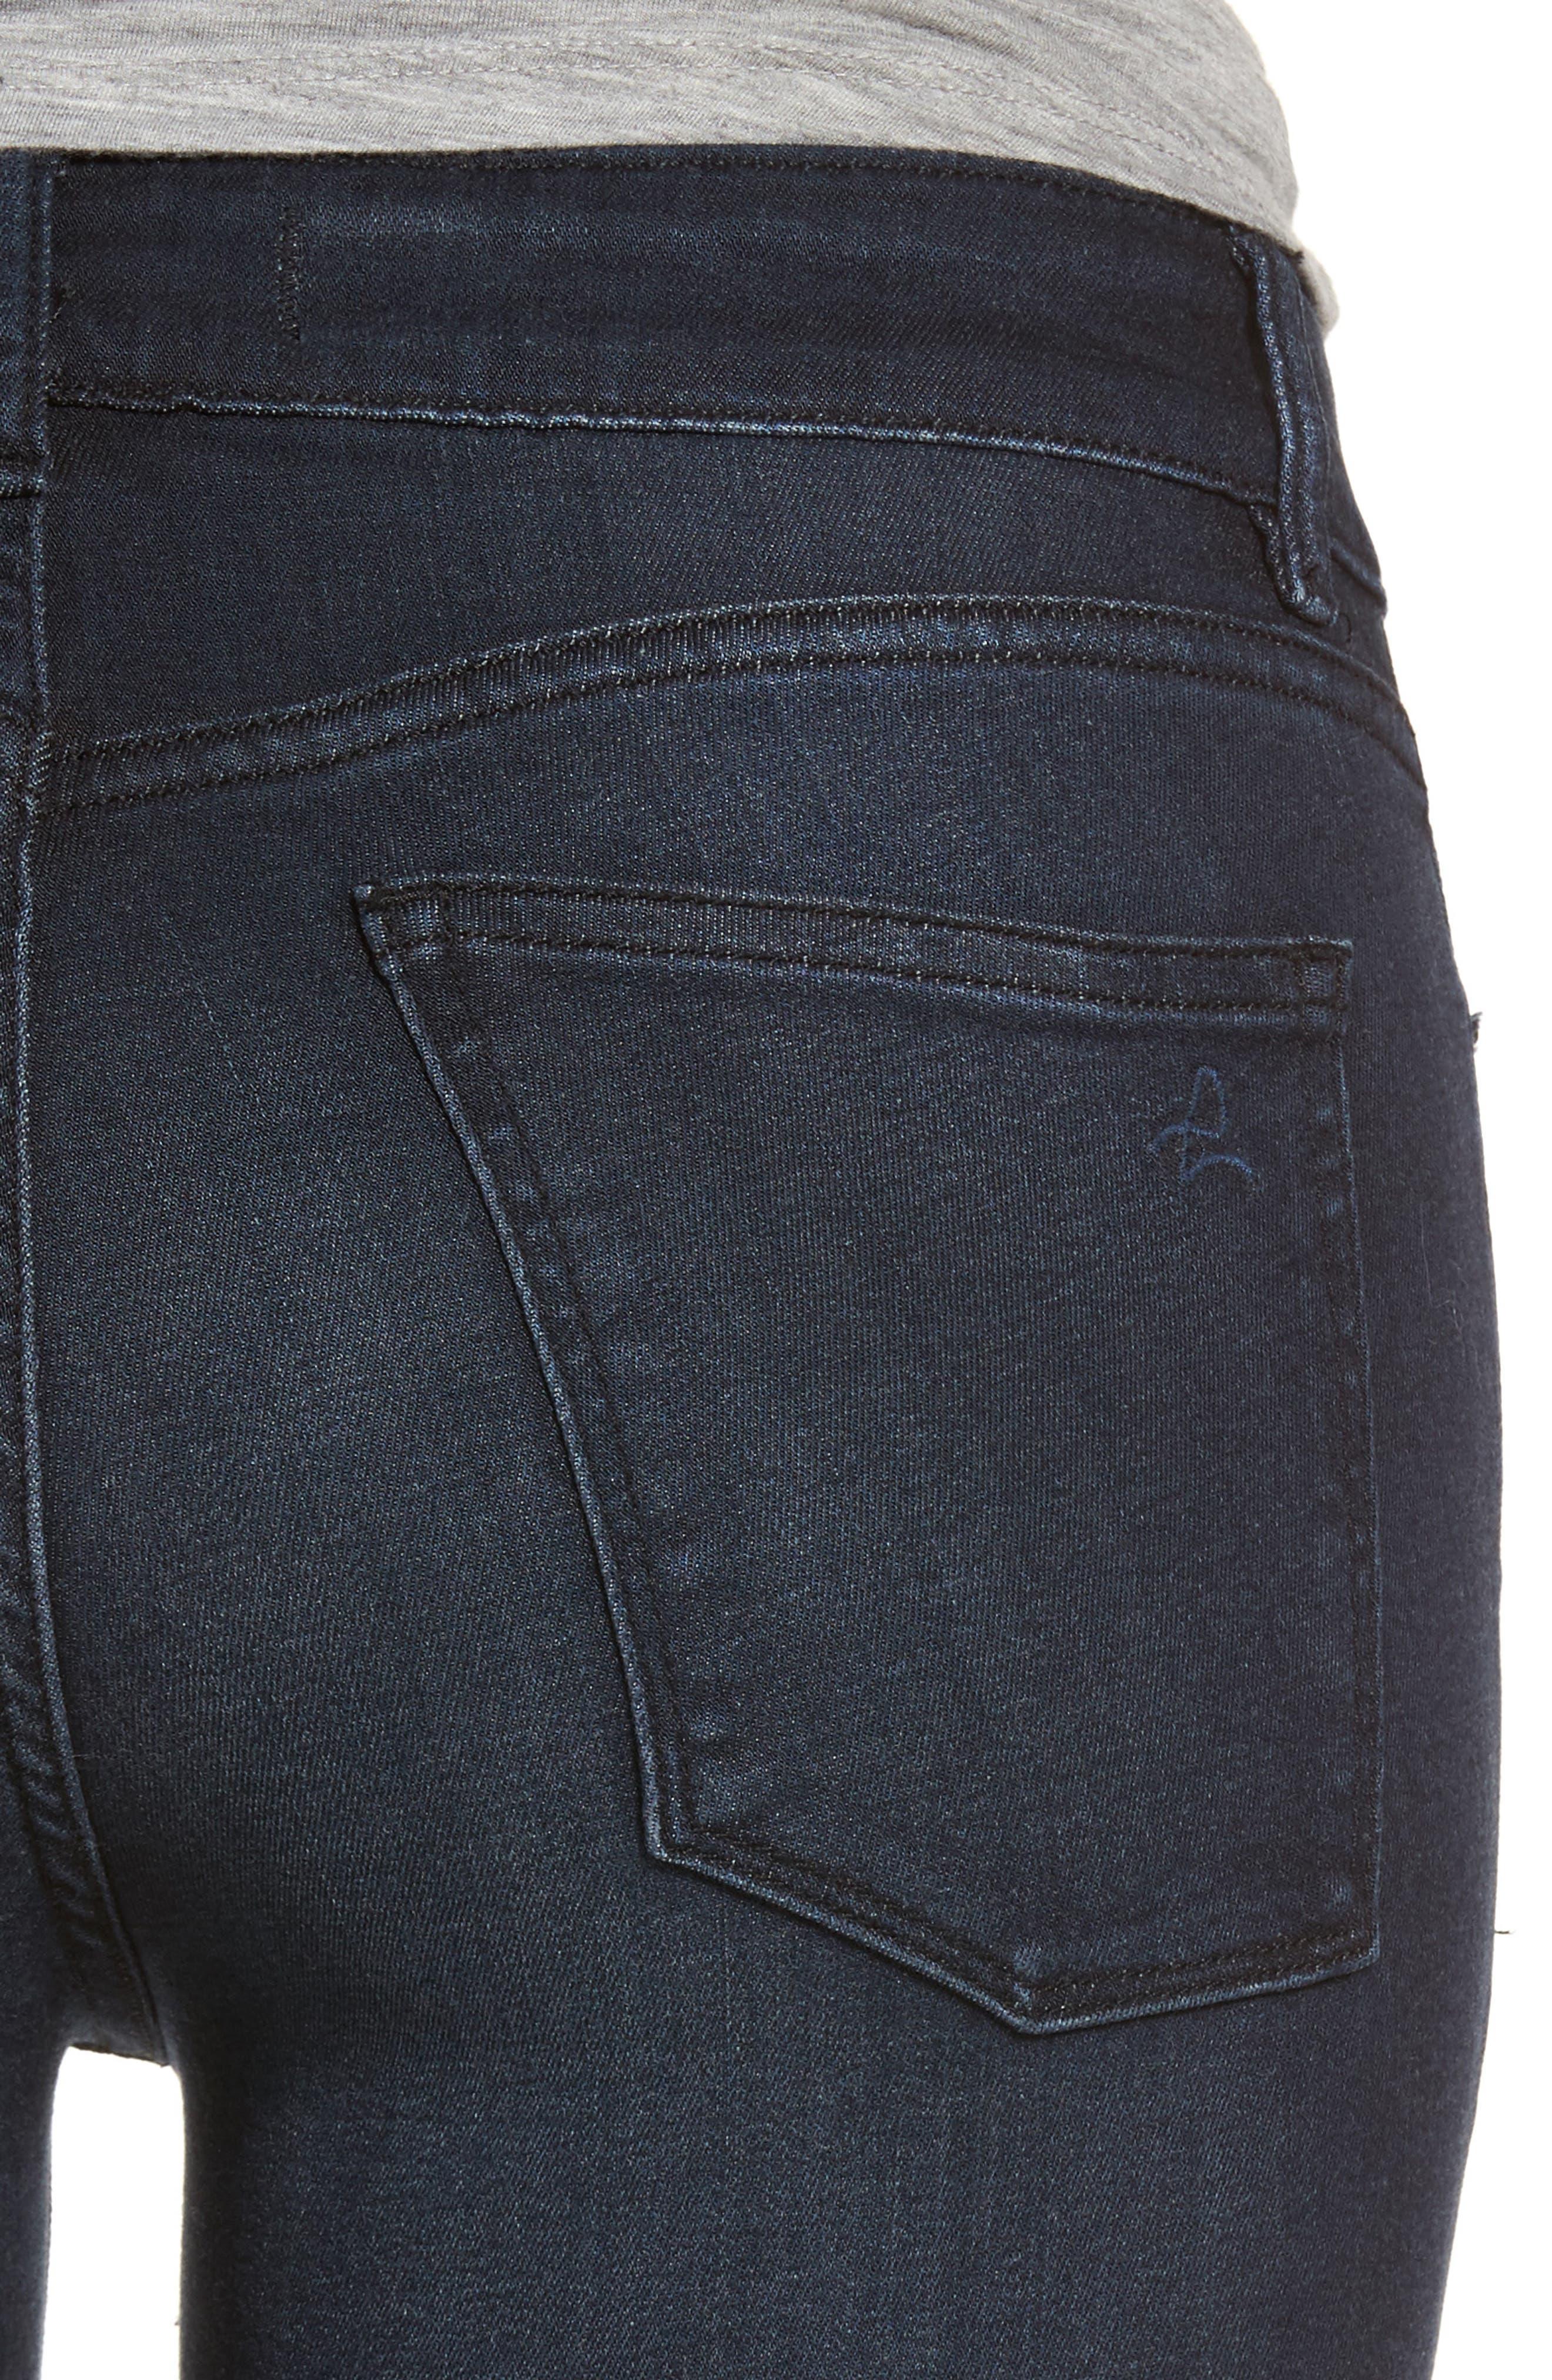 Emma Power Legging Skinny Jeans,                             Alternate thumbnail 4, color,                             Macon